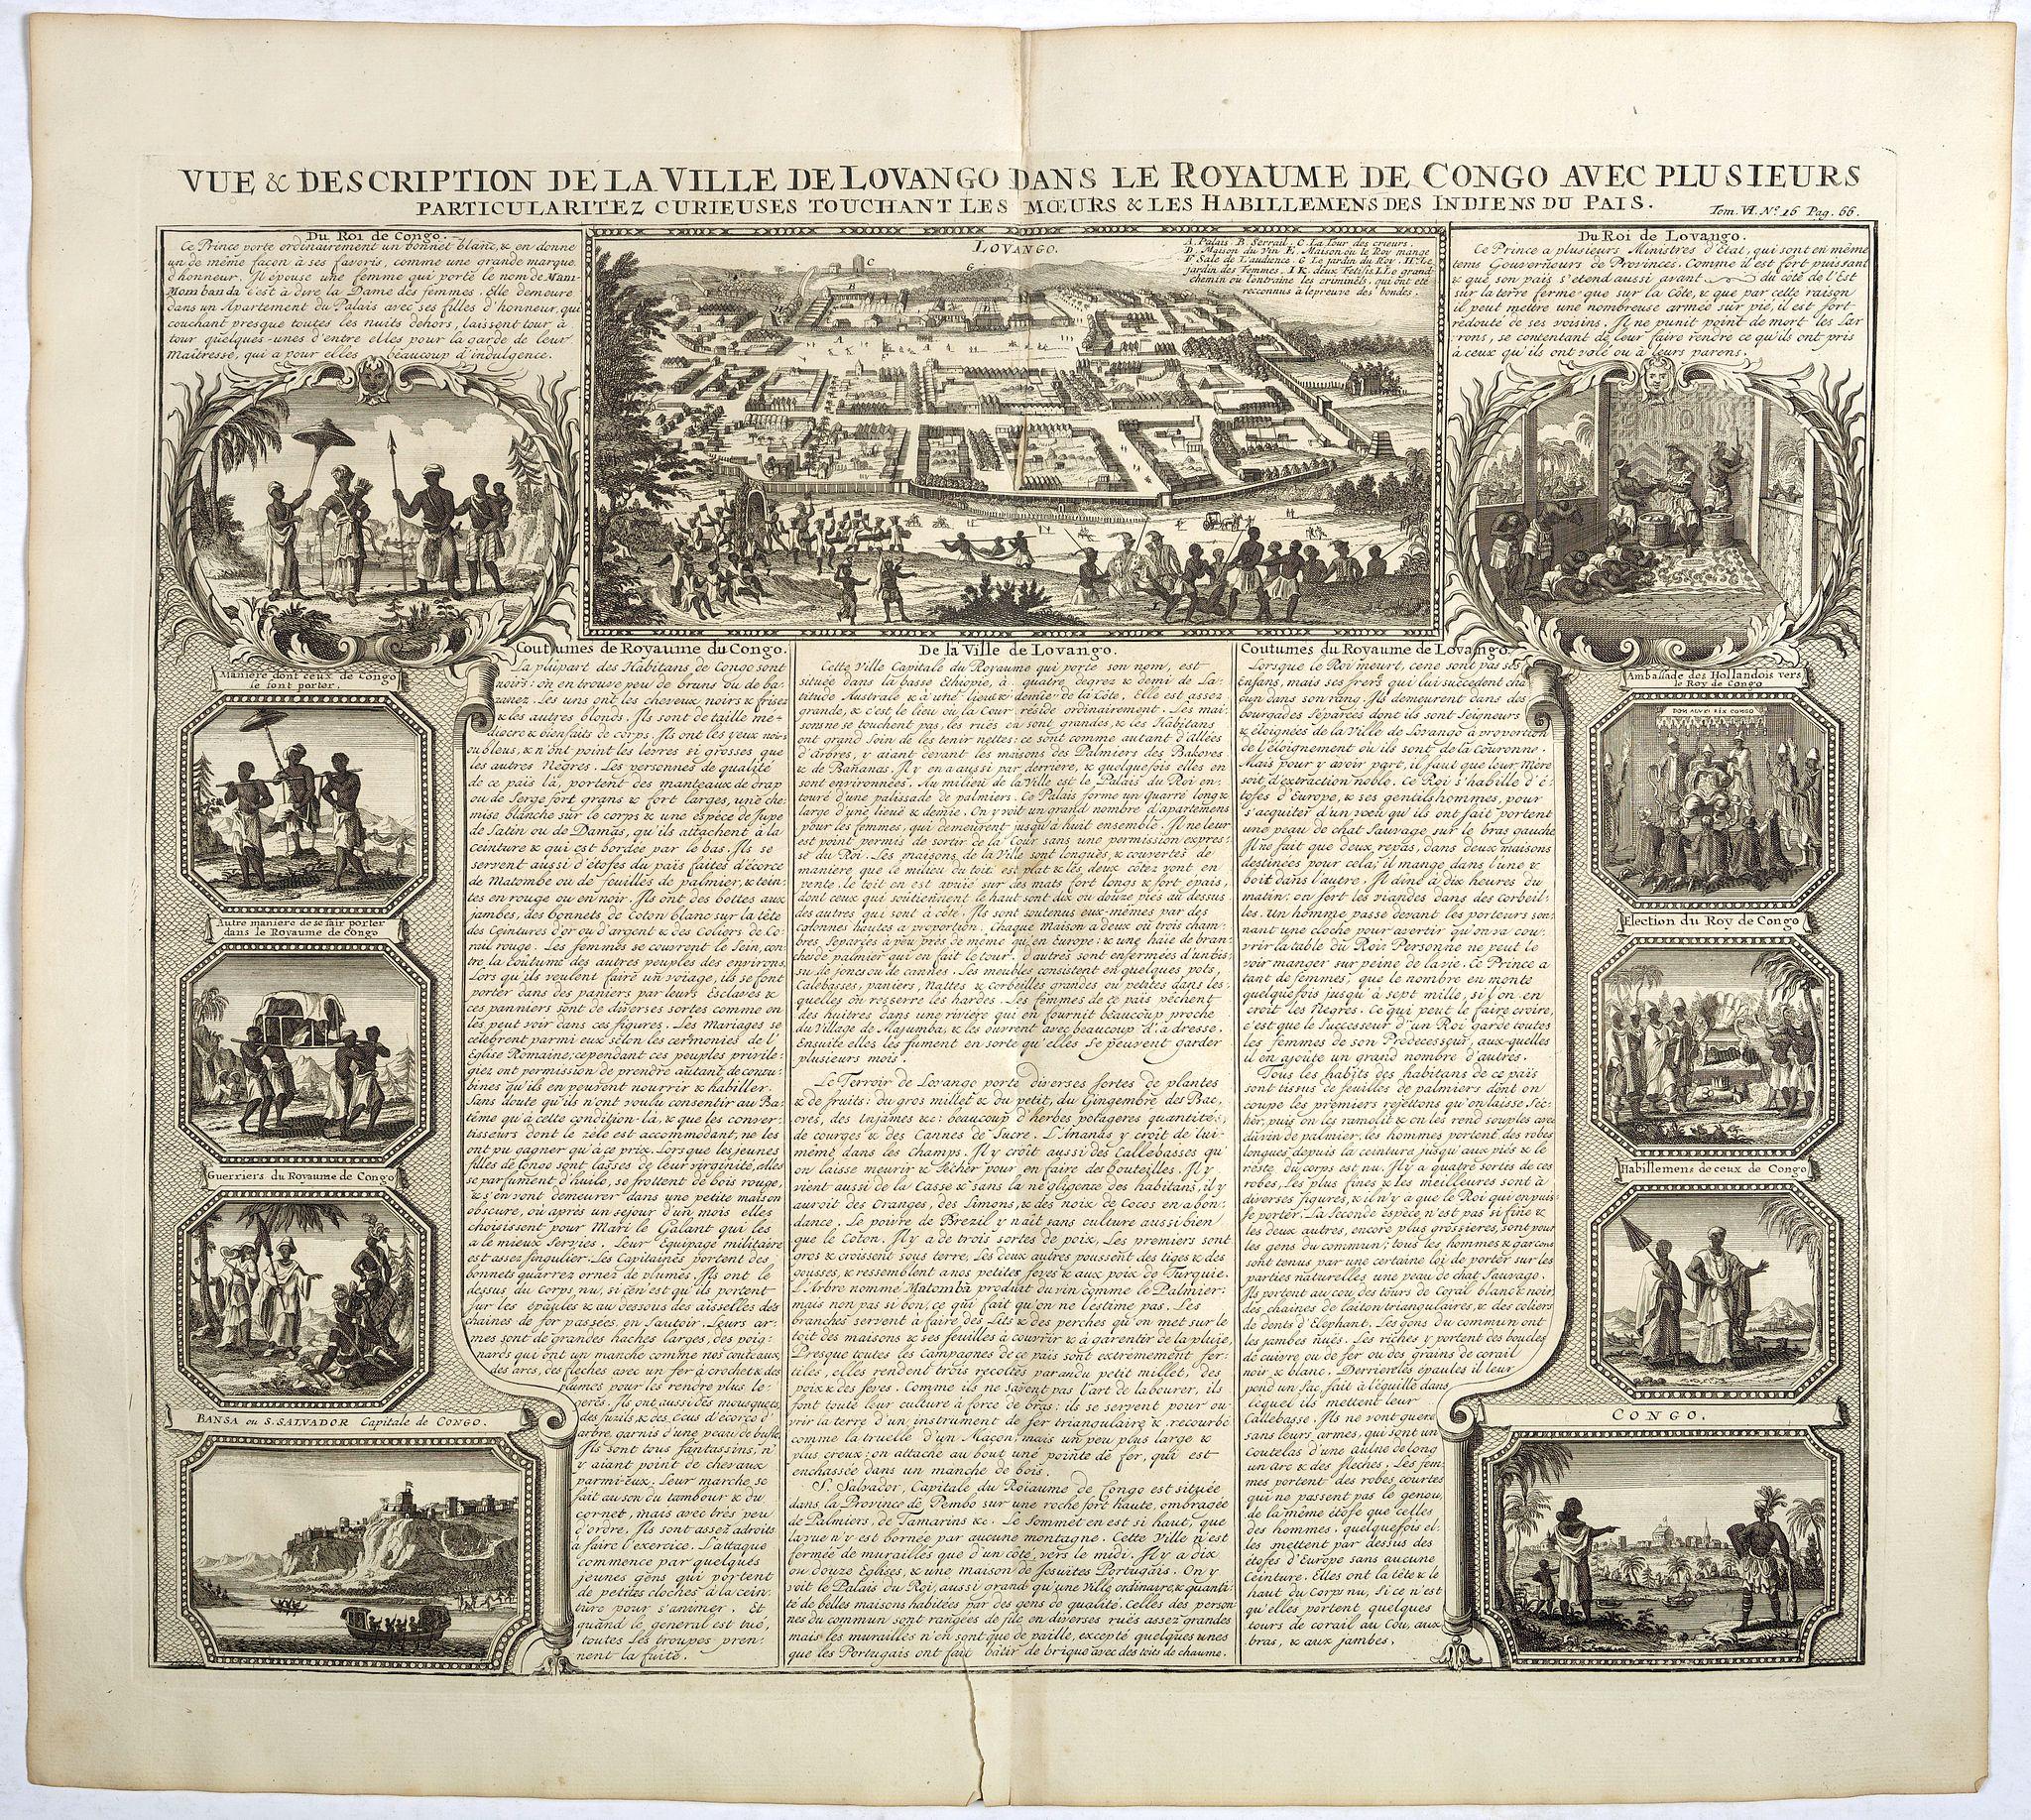 CHATELAIN, H. -  Vue et description de la Ville de Lovango dans le Royaume du Congo. . .